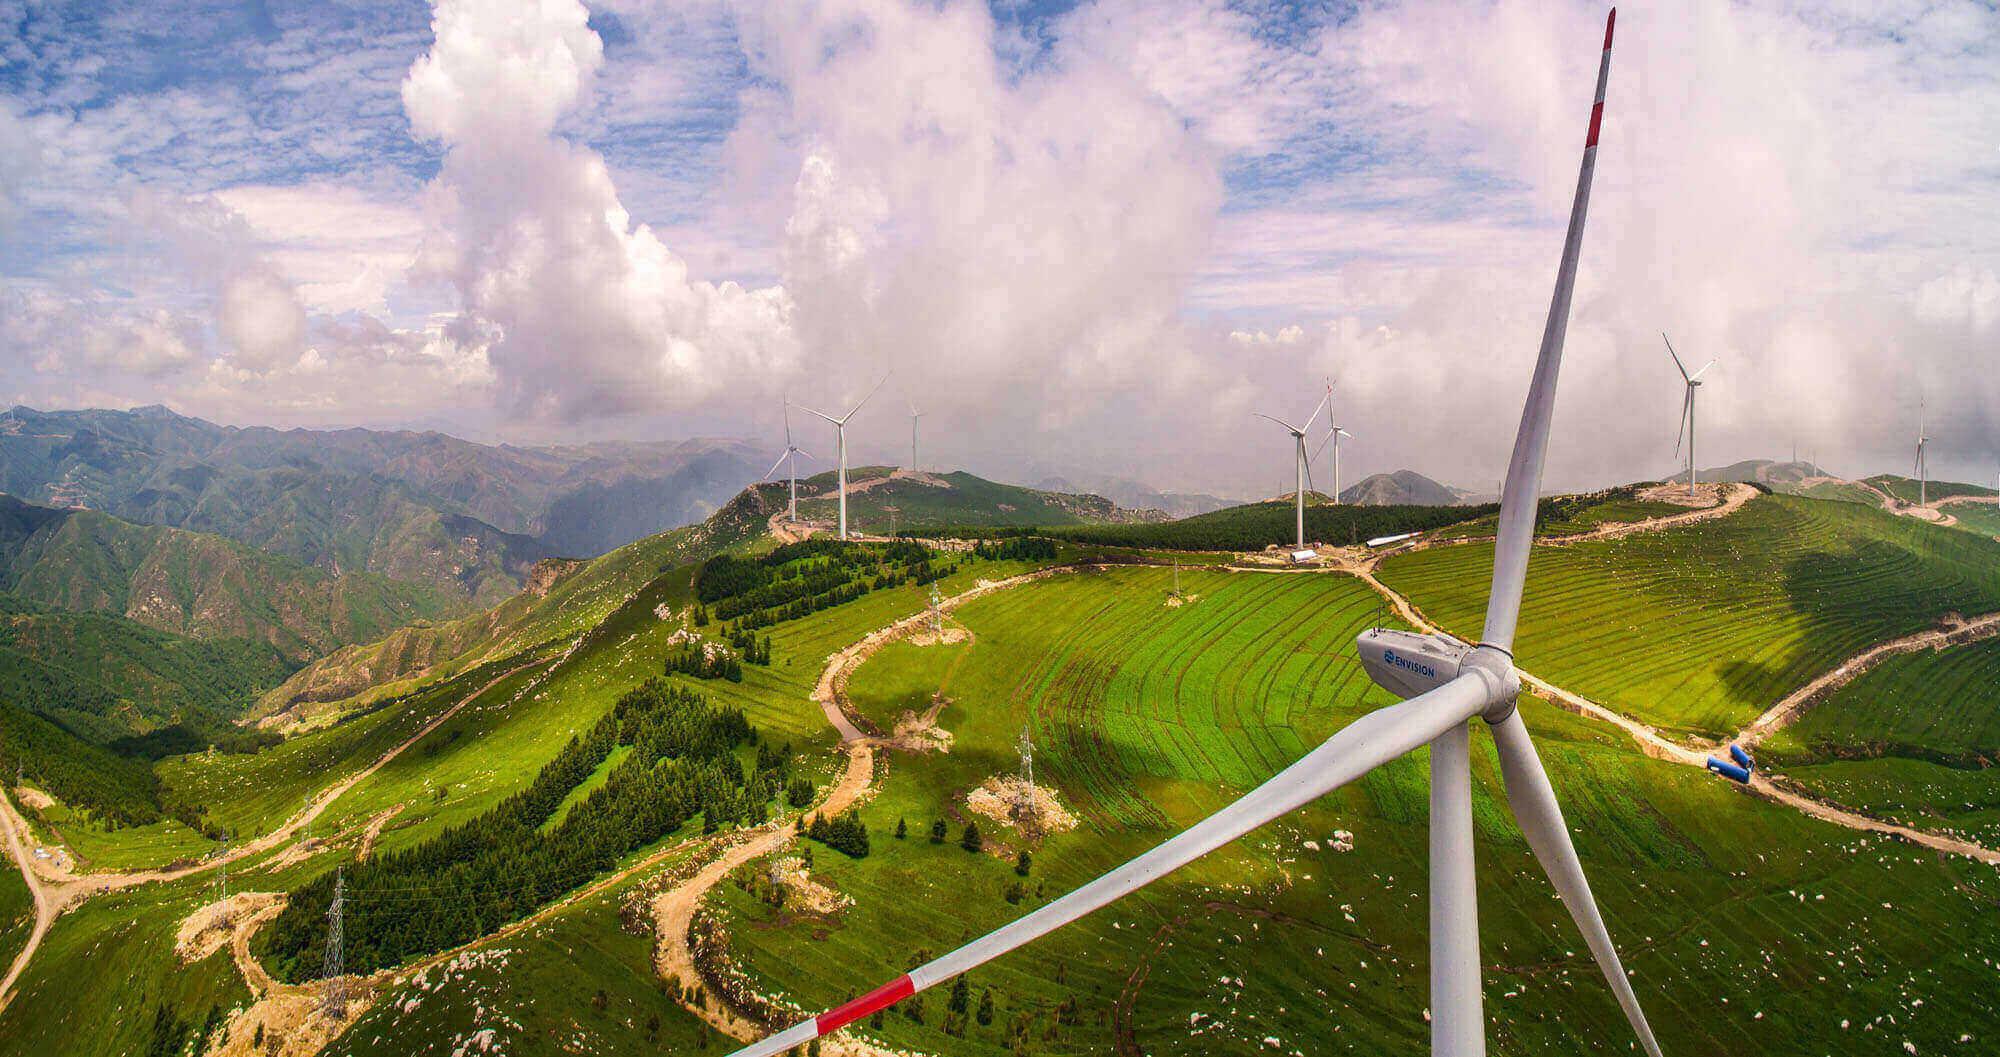 Il Piano della Cina sulle energie rinnovabili che vuole cambiare il mondo